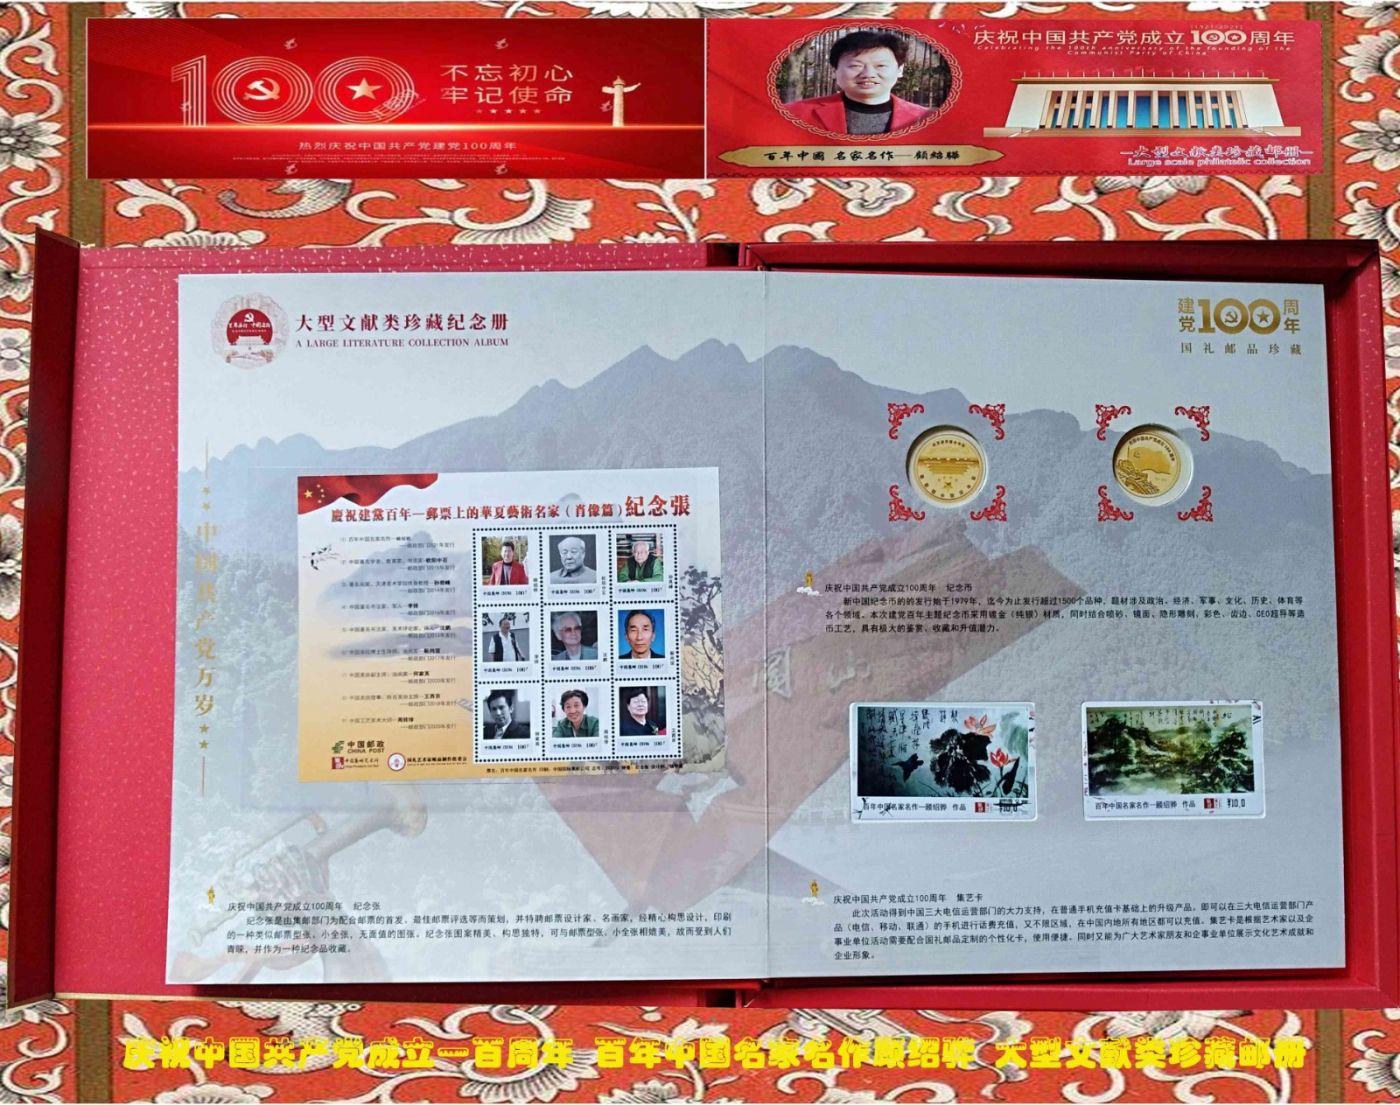 顾绍骅的诗情画意又入选《庆祝中国共产党成立100周年 百年中国名家名作》 ..._图1-13